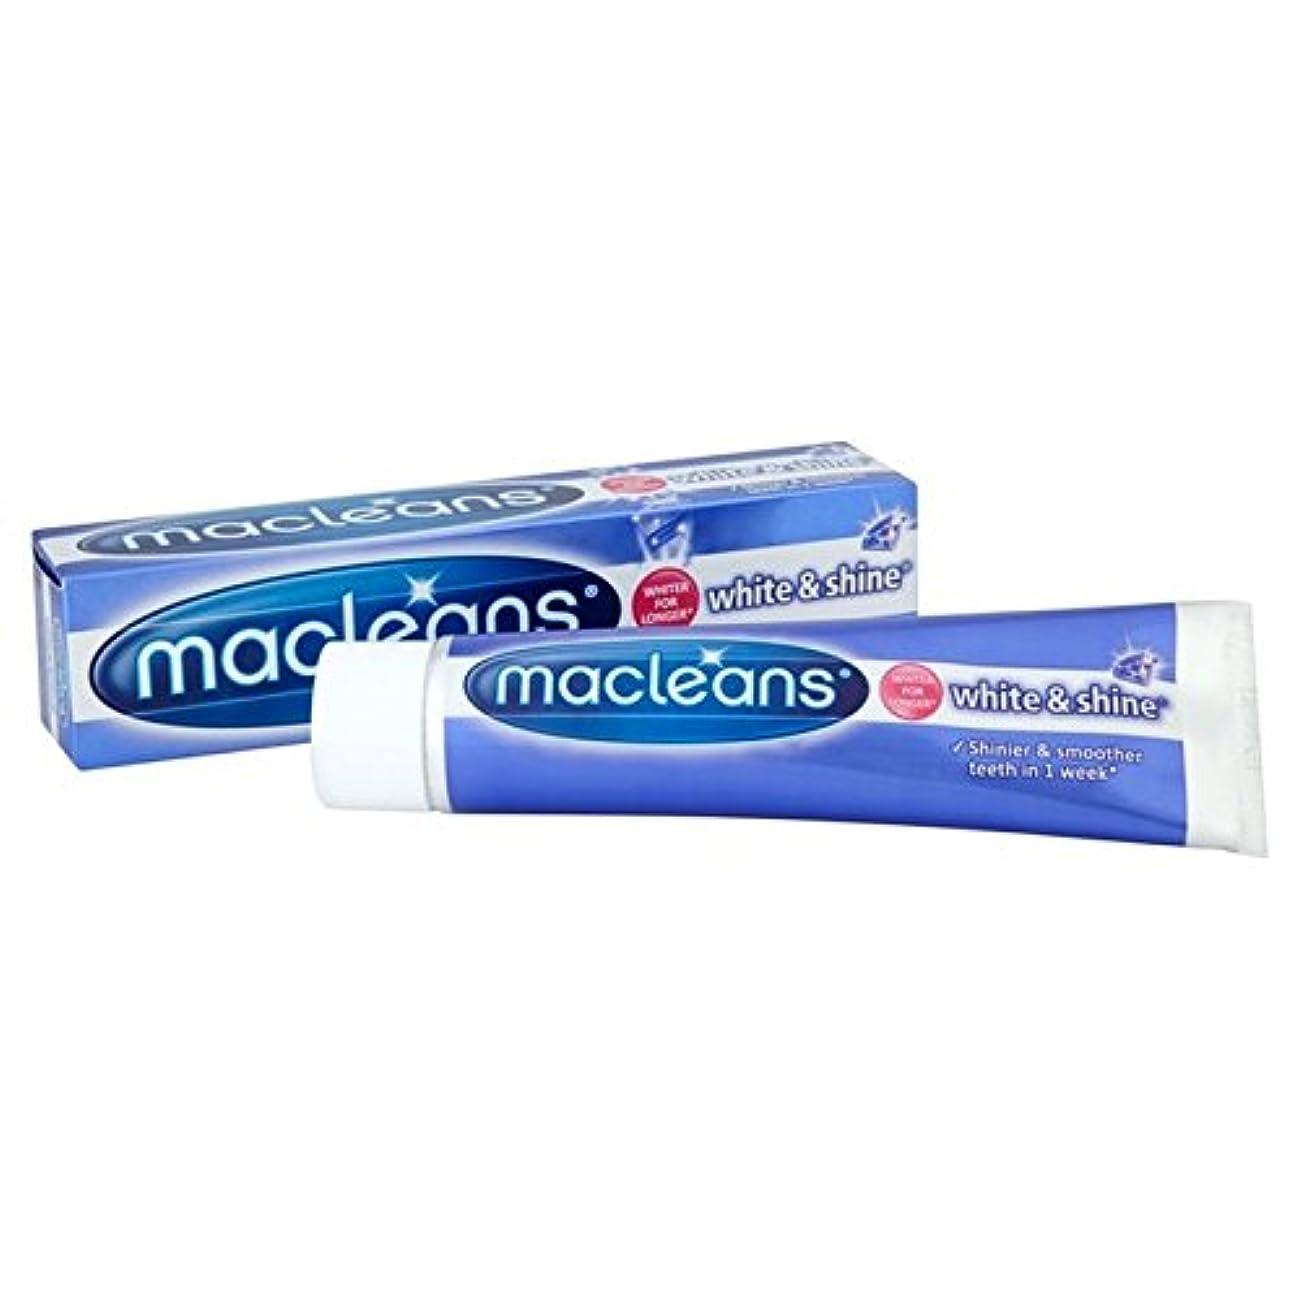 実行するウッズ作物'歯磨き粉の100ミリリットル x4 - Macleans White'n'shine Toothpaste 100ml (Pack of 4) [並行輸入品]